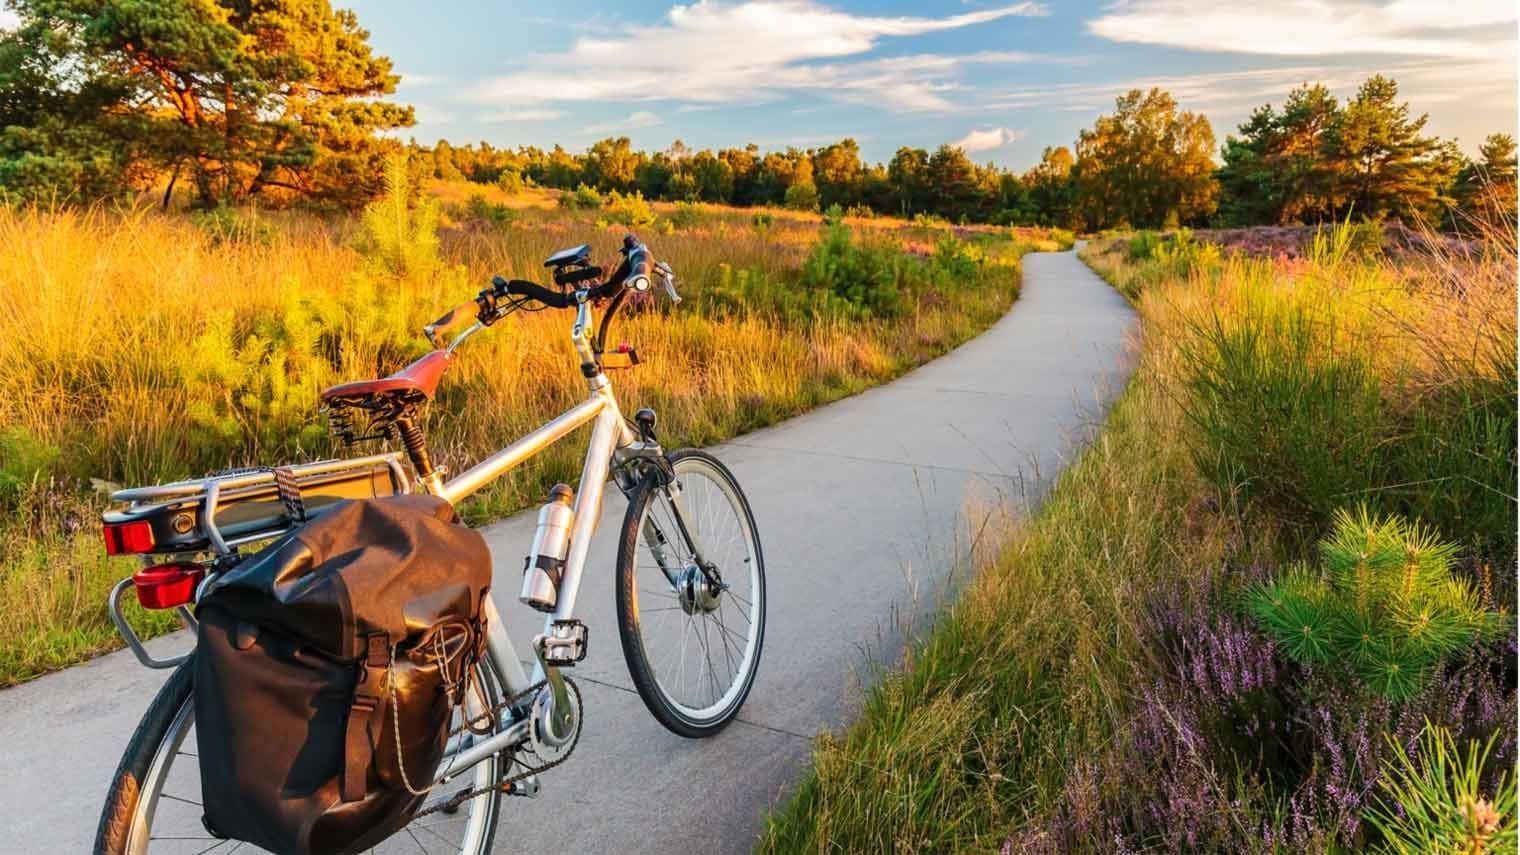 fiets op fietspad in heide